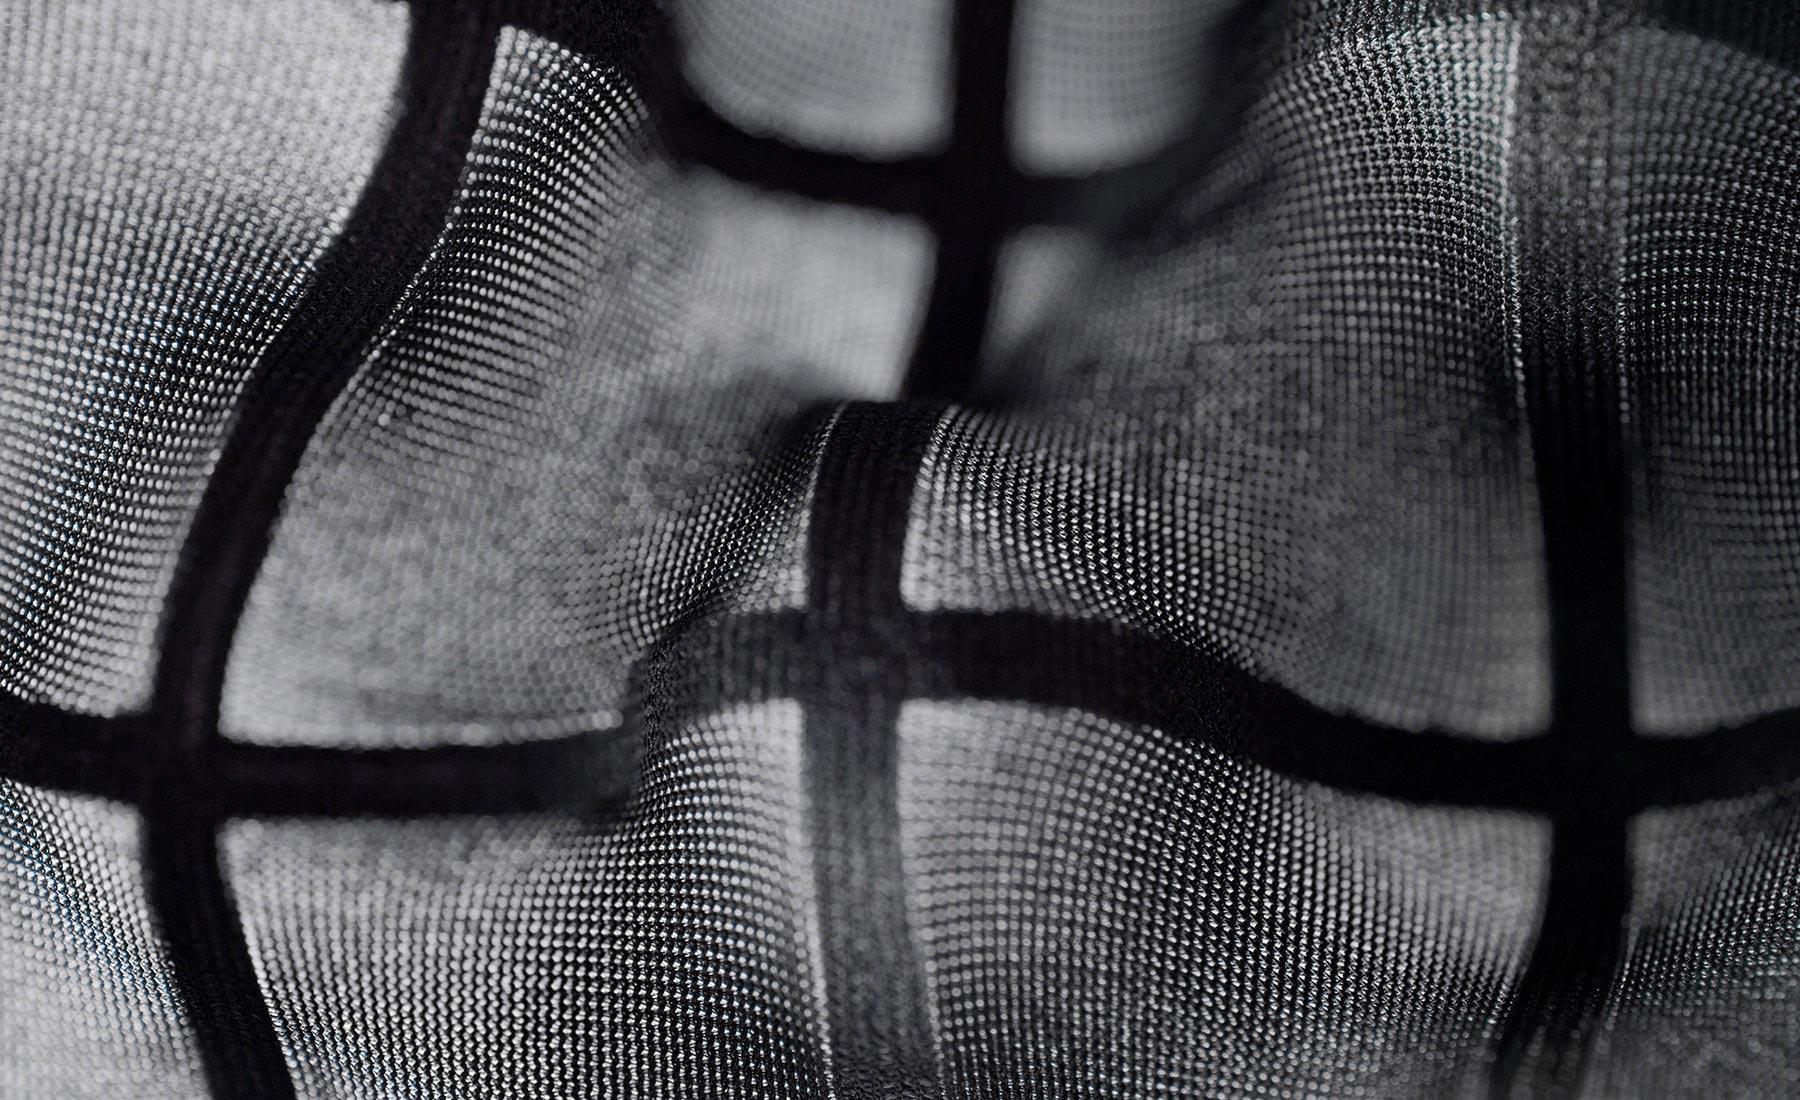 Industrial-designer-christophe-guberan-active-textile